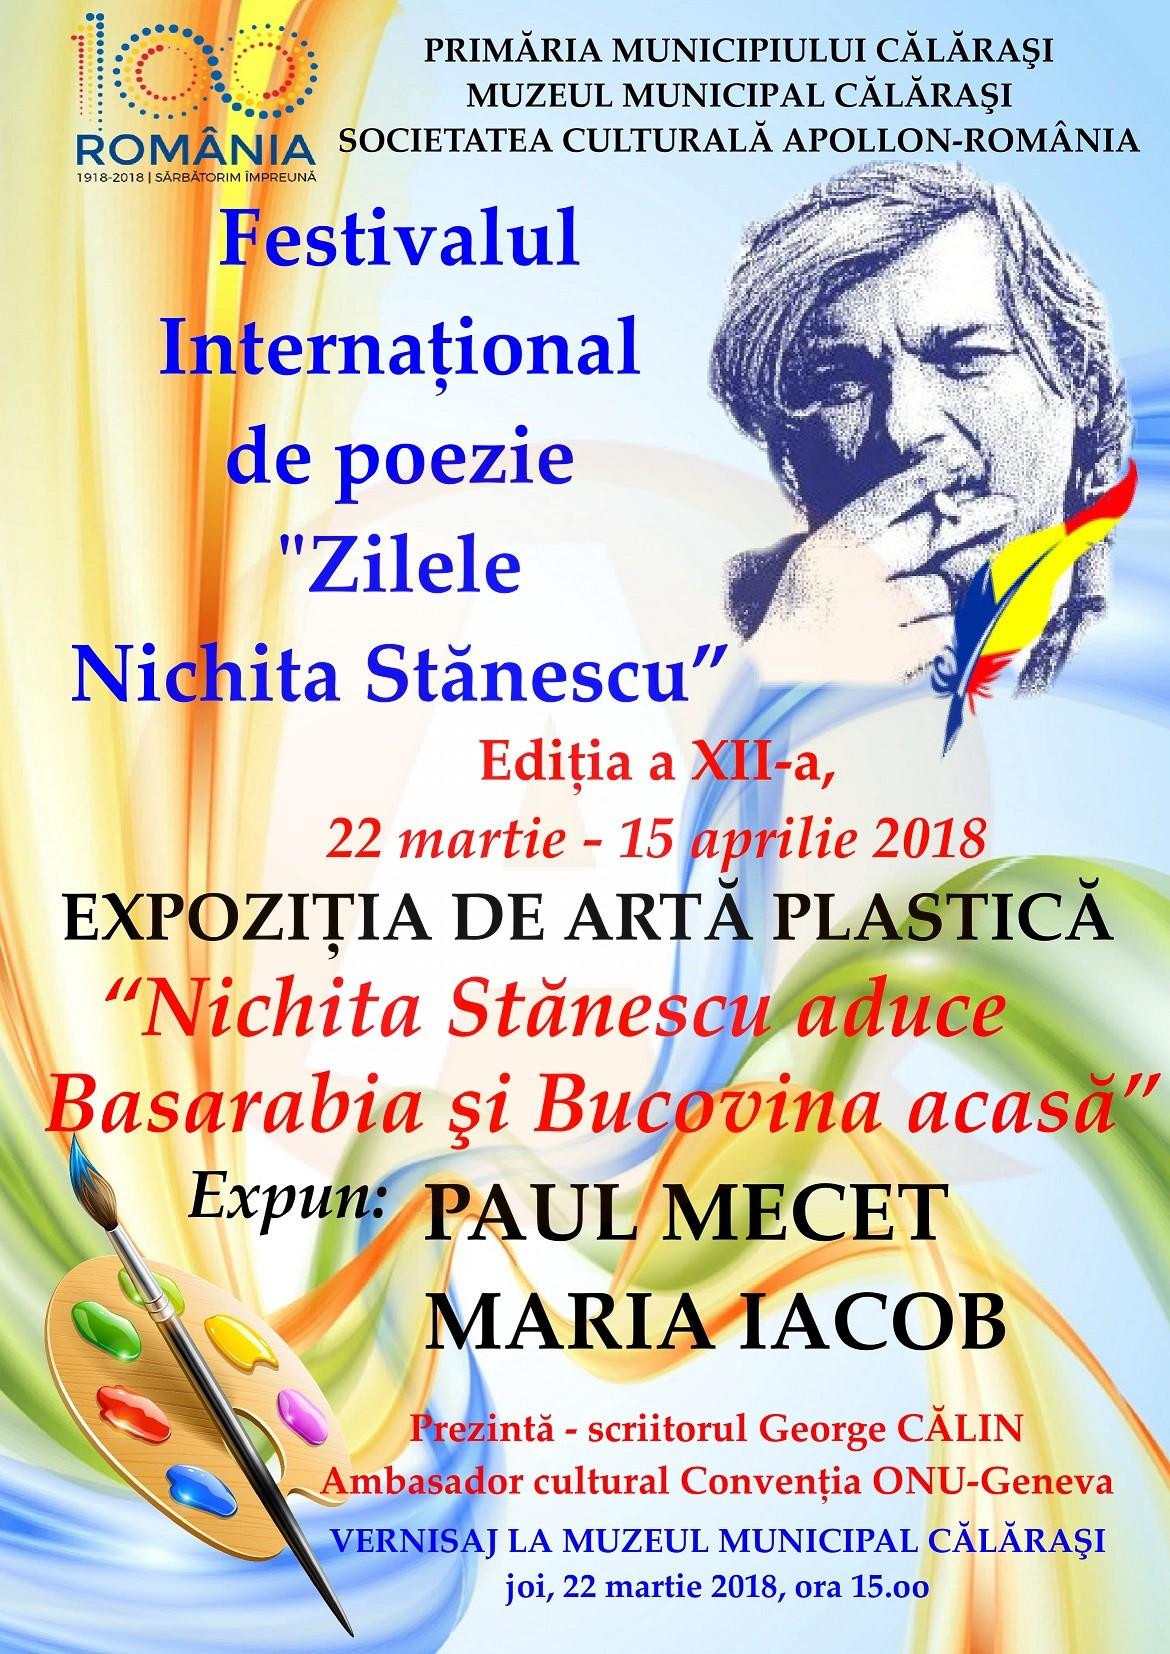 """Festivalului internațional de poezie """"Zilele Nichita Stănescu"""", în municipiul Călărași"""